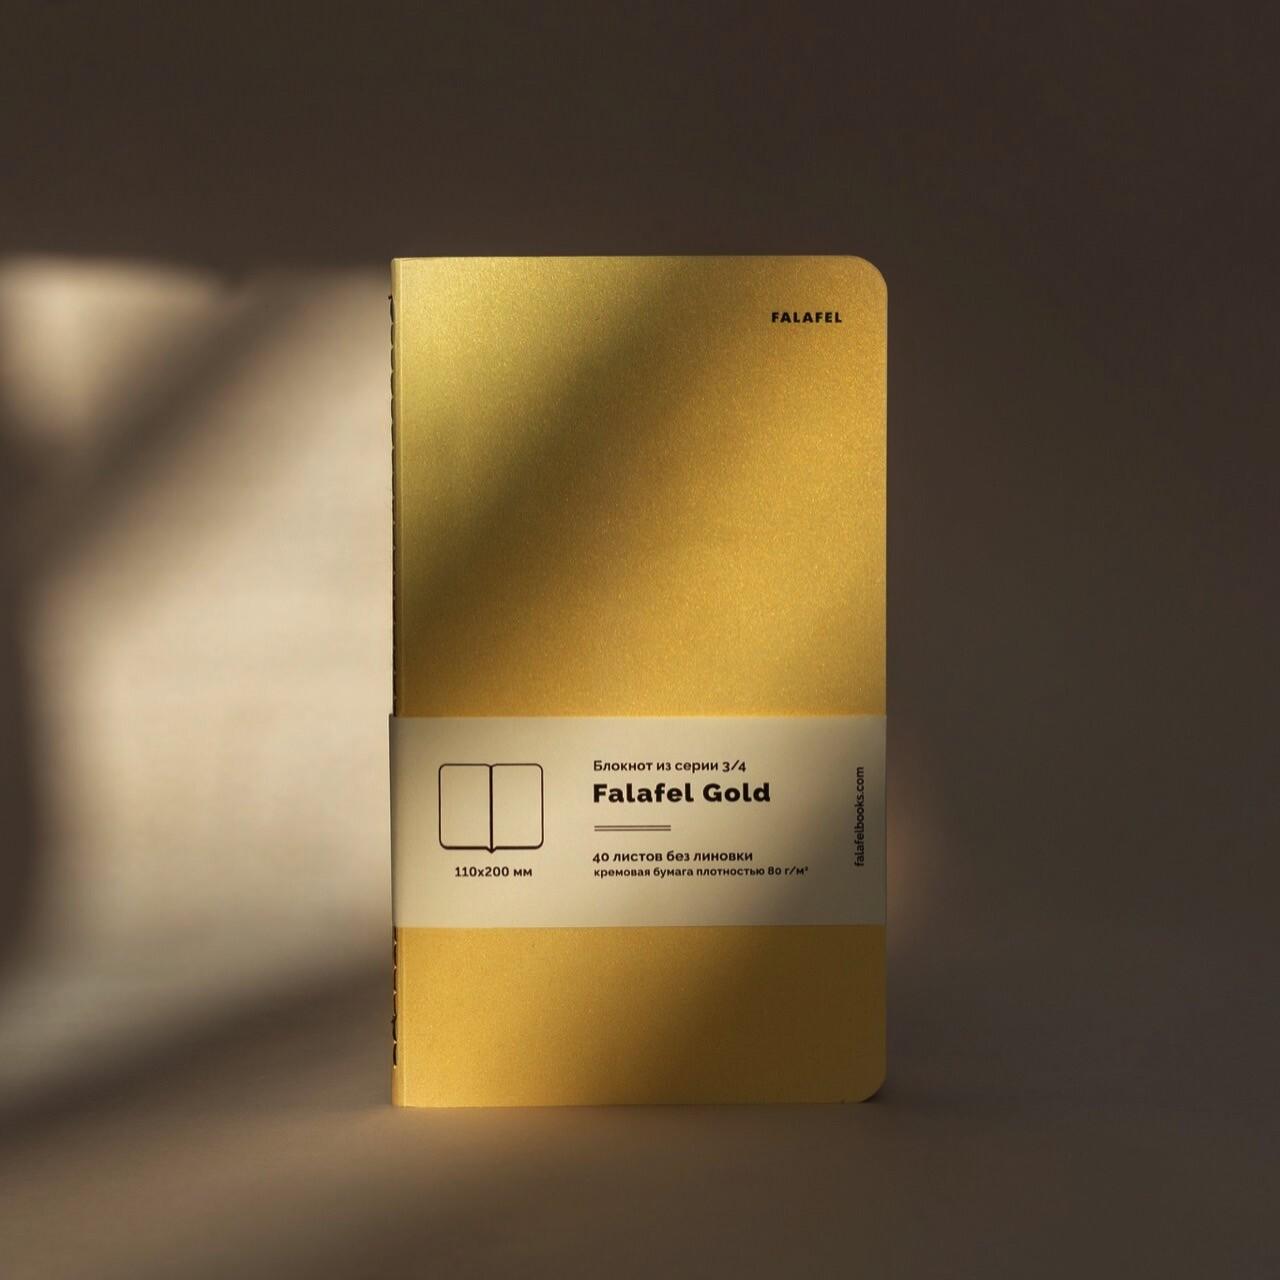 Falafelbooks 3/4 Gold